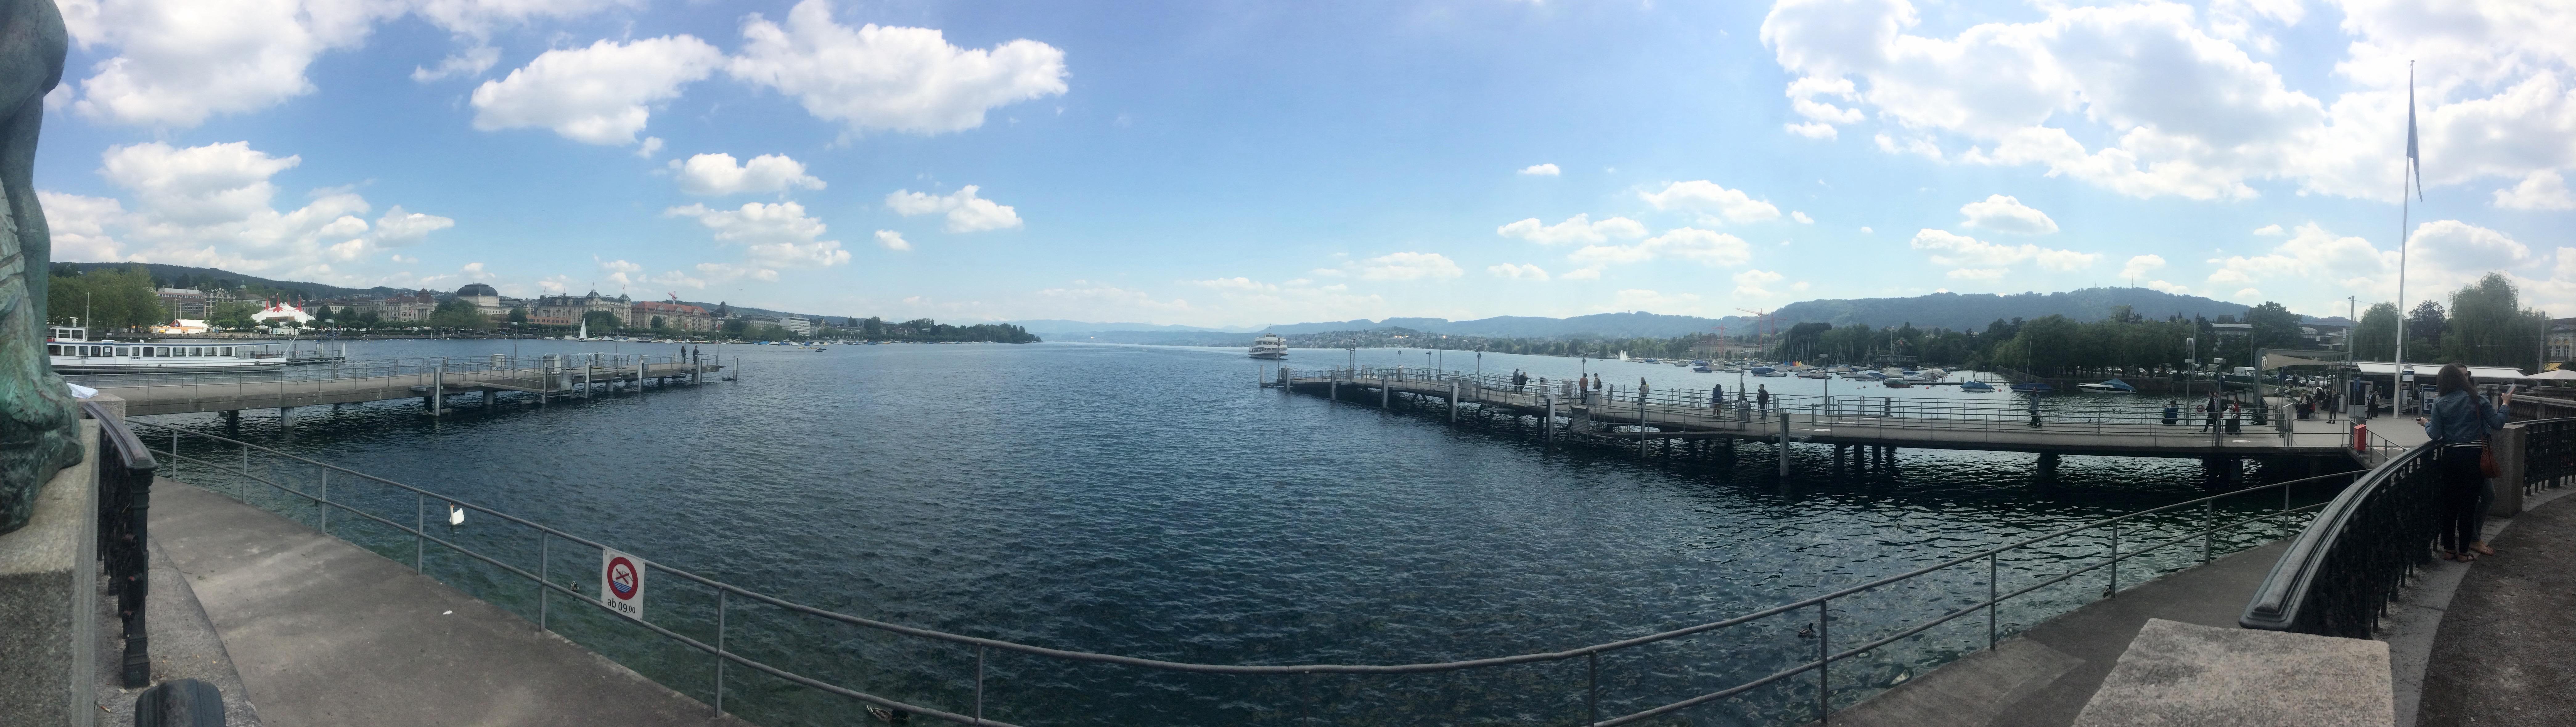 Switzerland, Zurich - Everything Was Closed 1